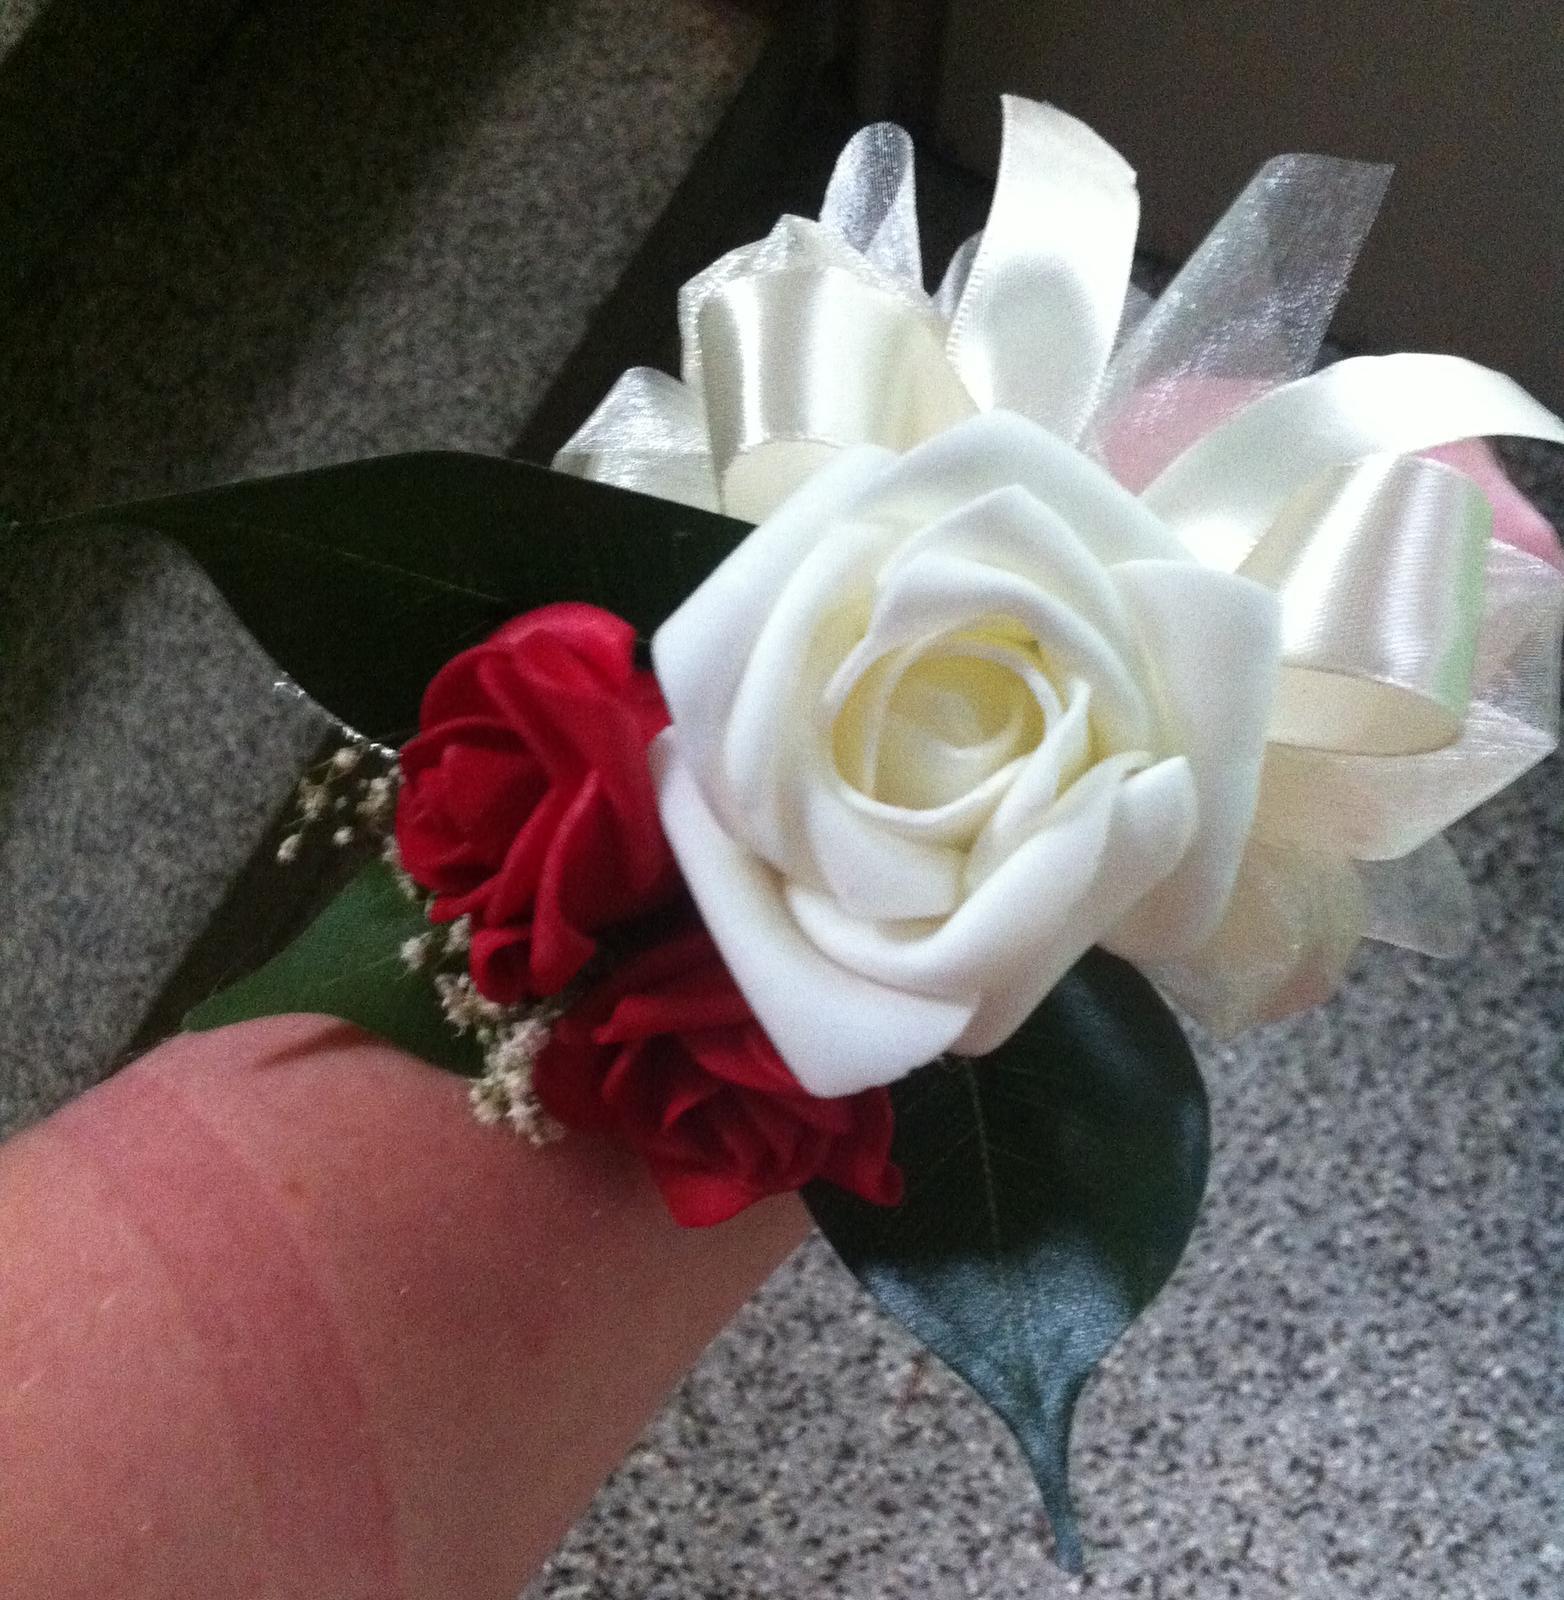 Netradiční svatební kytice - pěnové růžičky + polštářky pod prstýnky, košíčky - Náramek :)